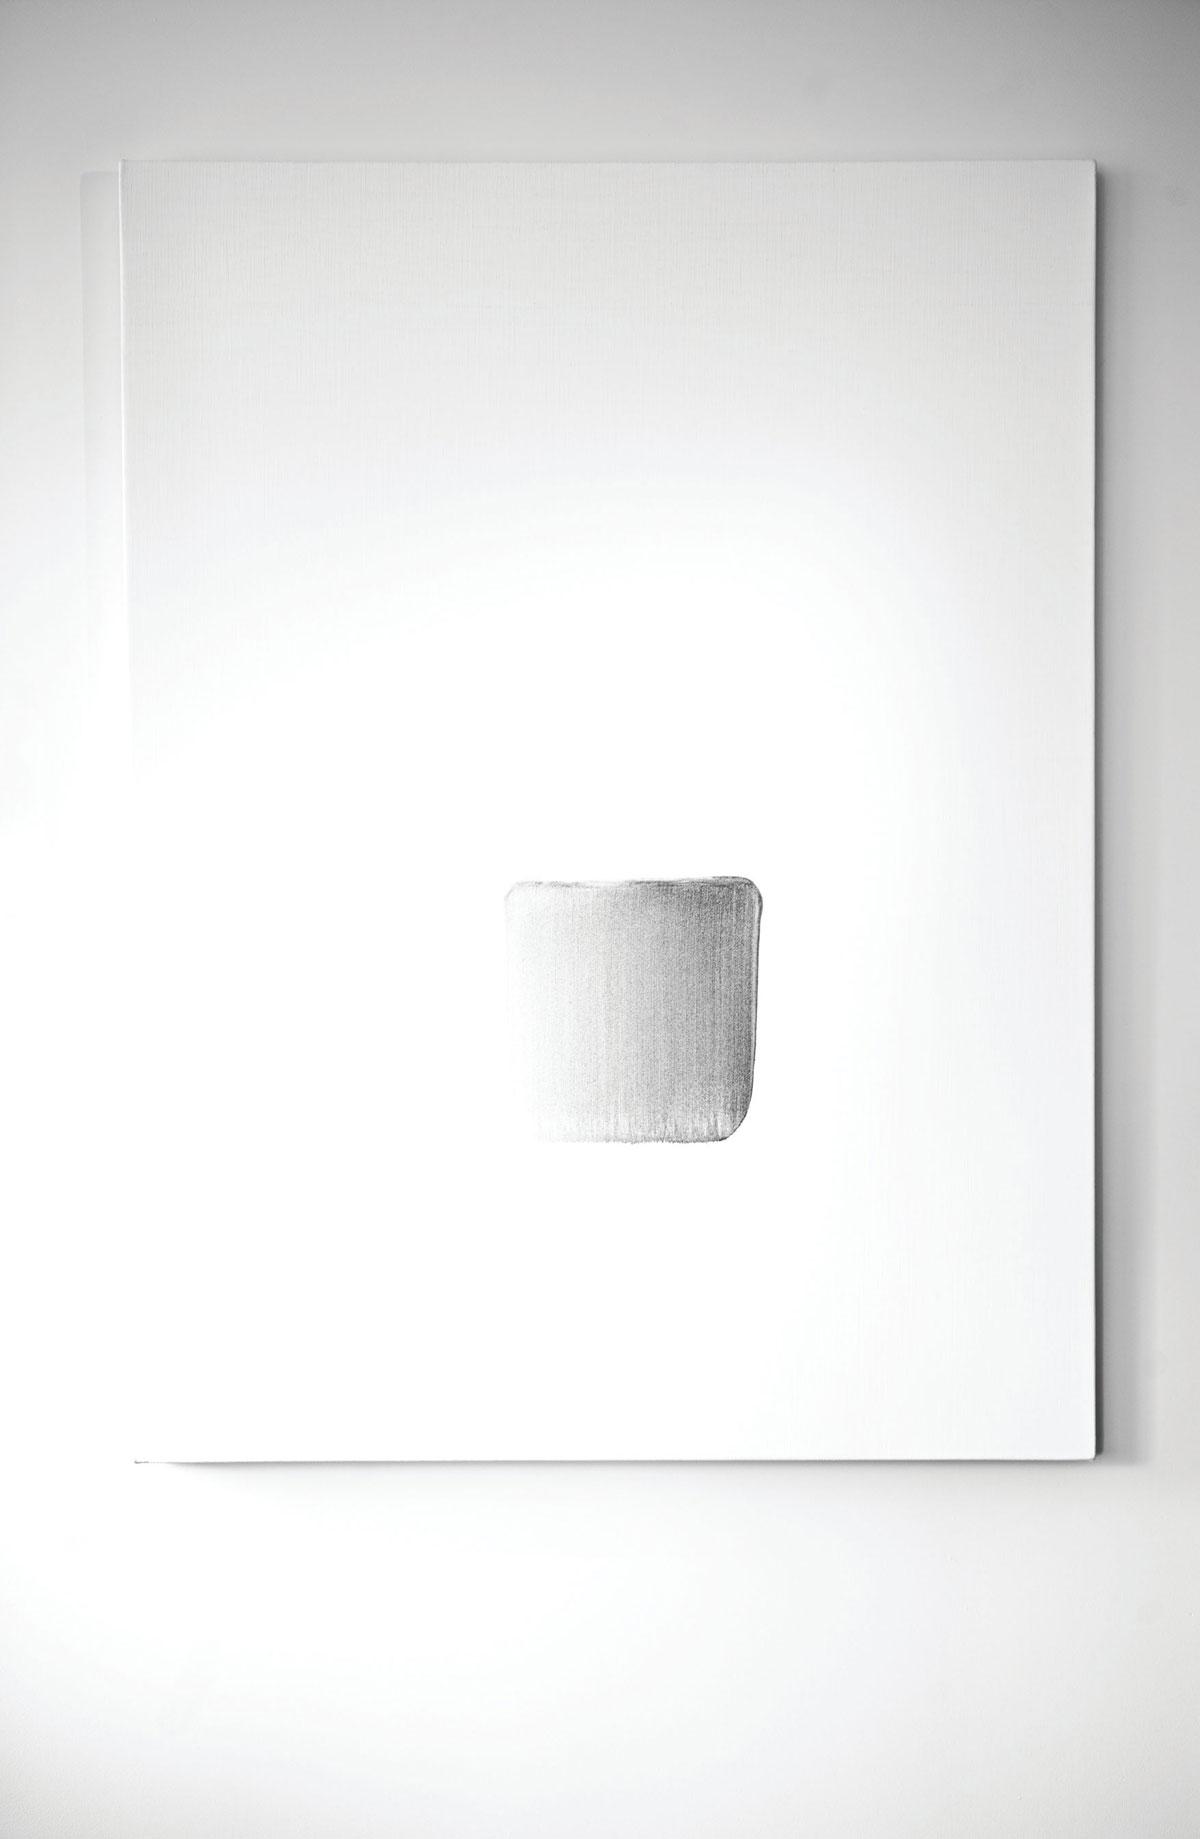 m07-interieur-15